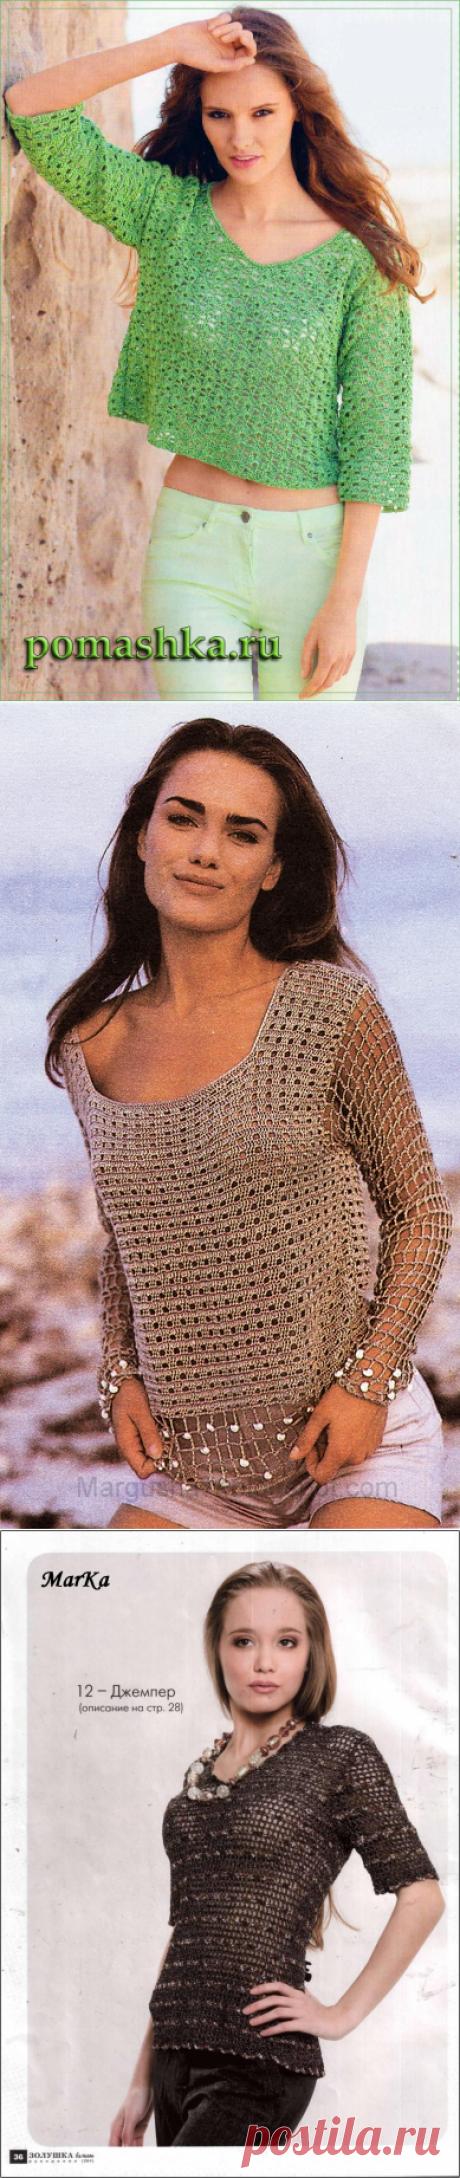 Пуловеры крючком 207